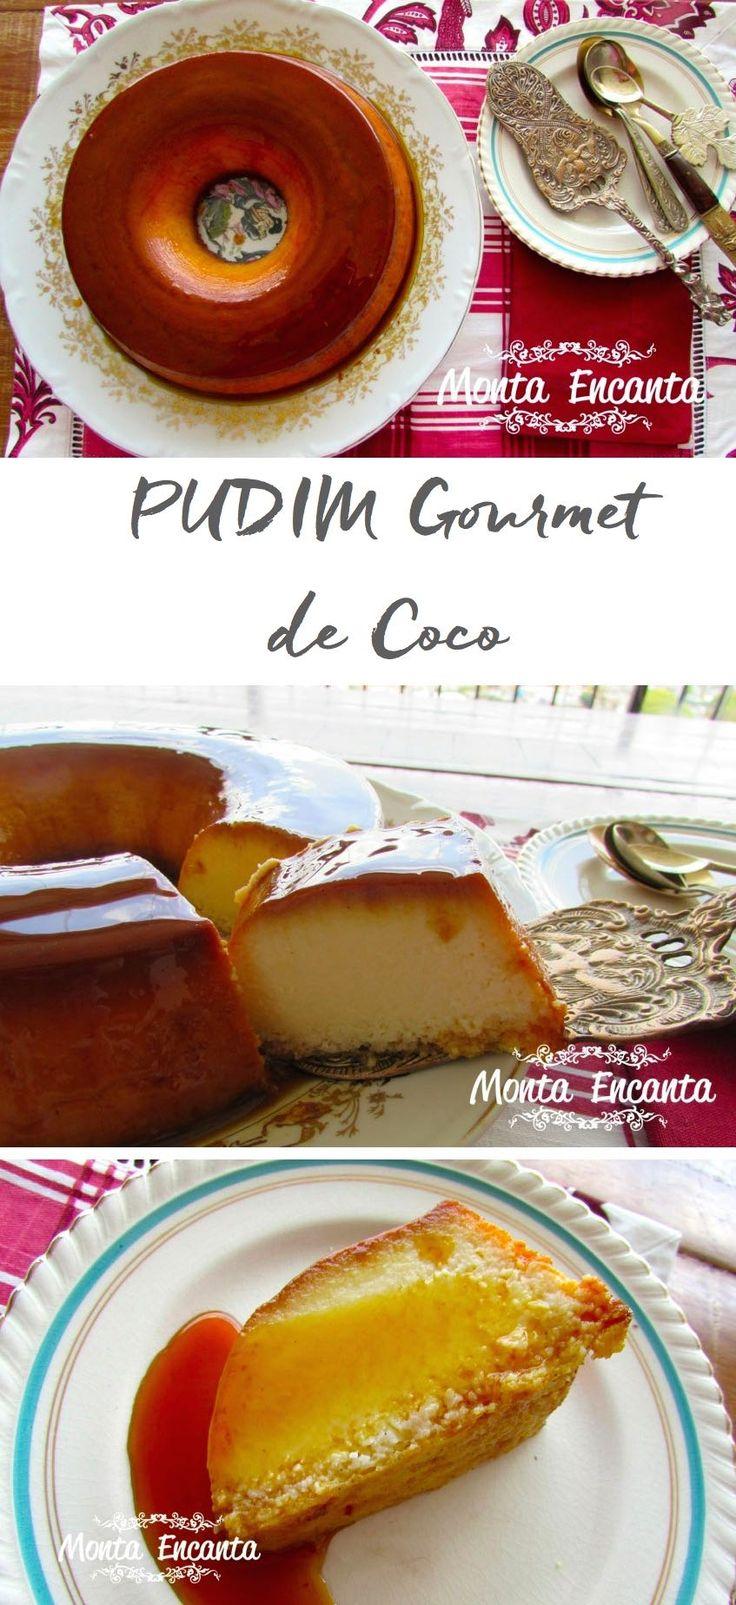 Como preparar um delicioso Pudim Gourmet de Coco, cremoso com sabor valorizado pela baunilha em fava e coco natural fresco.